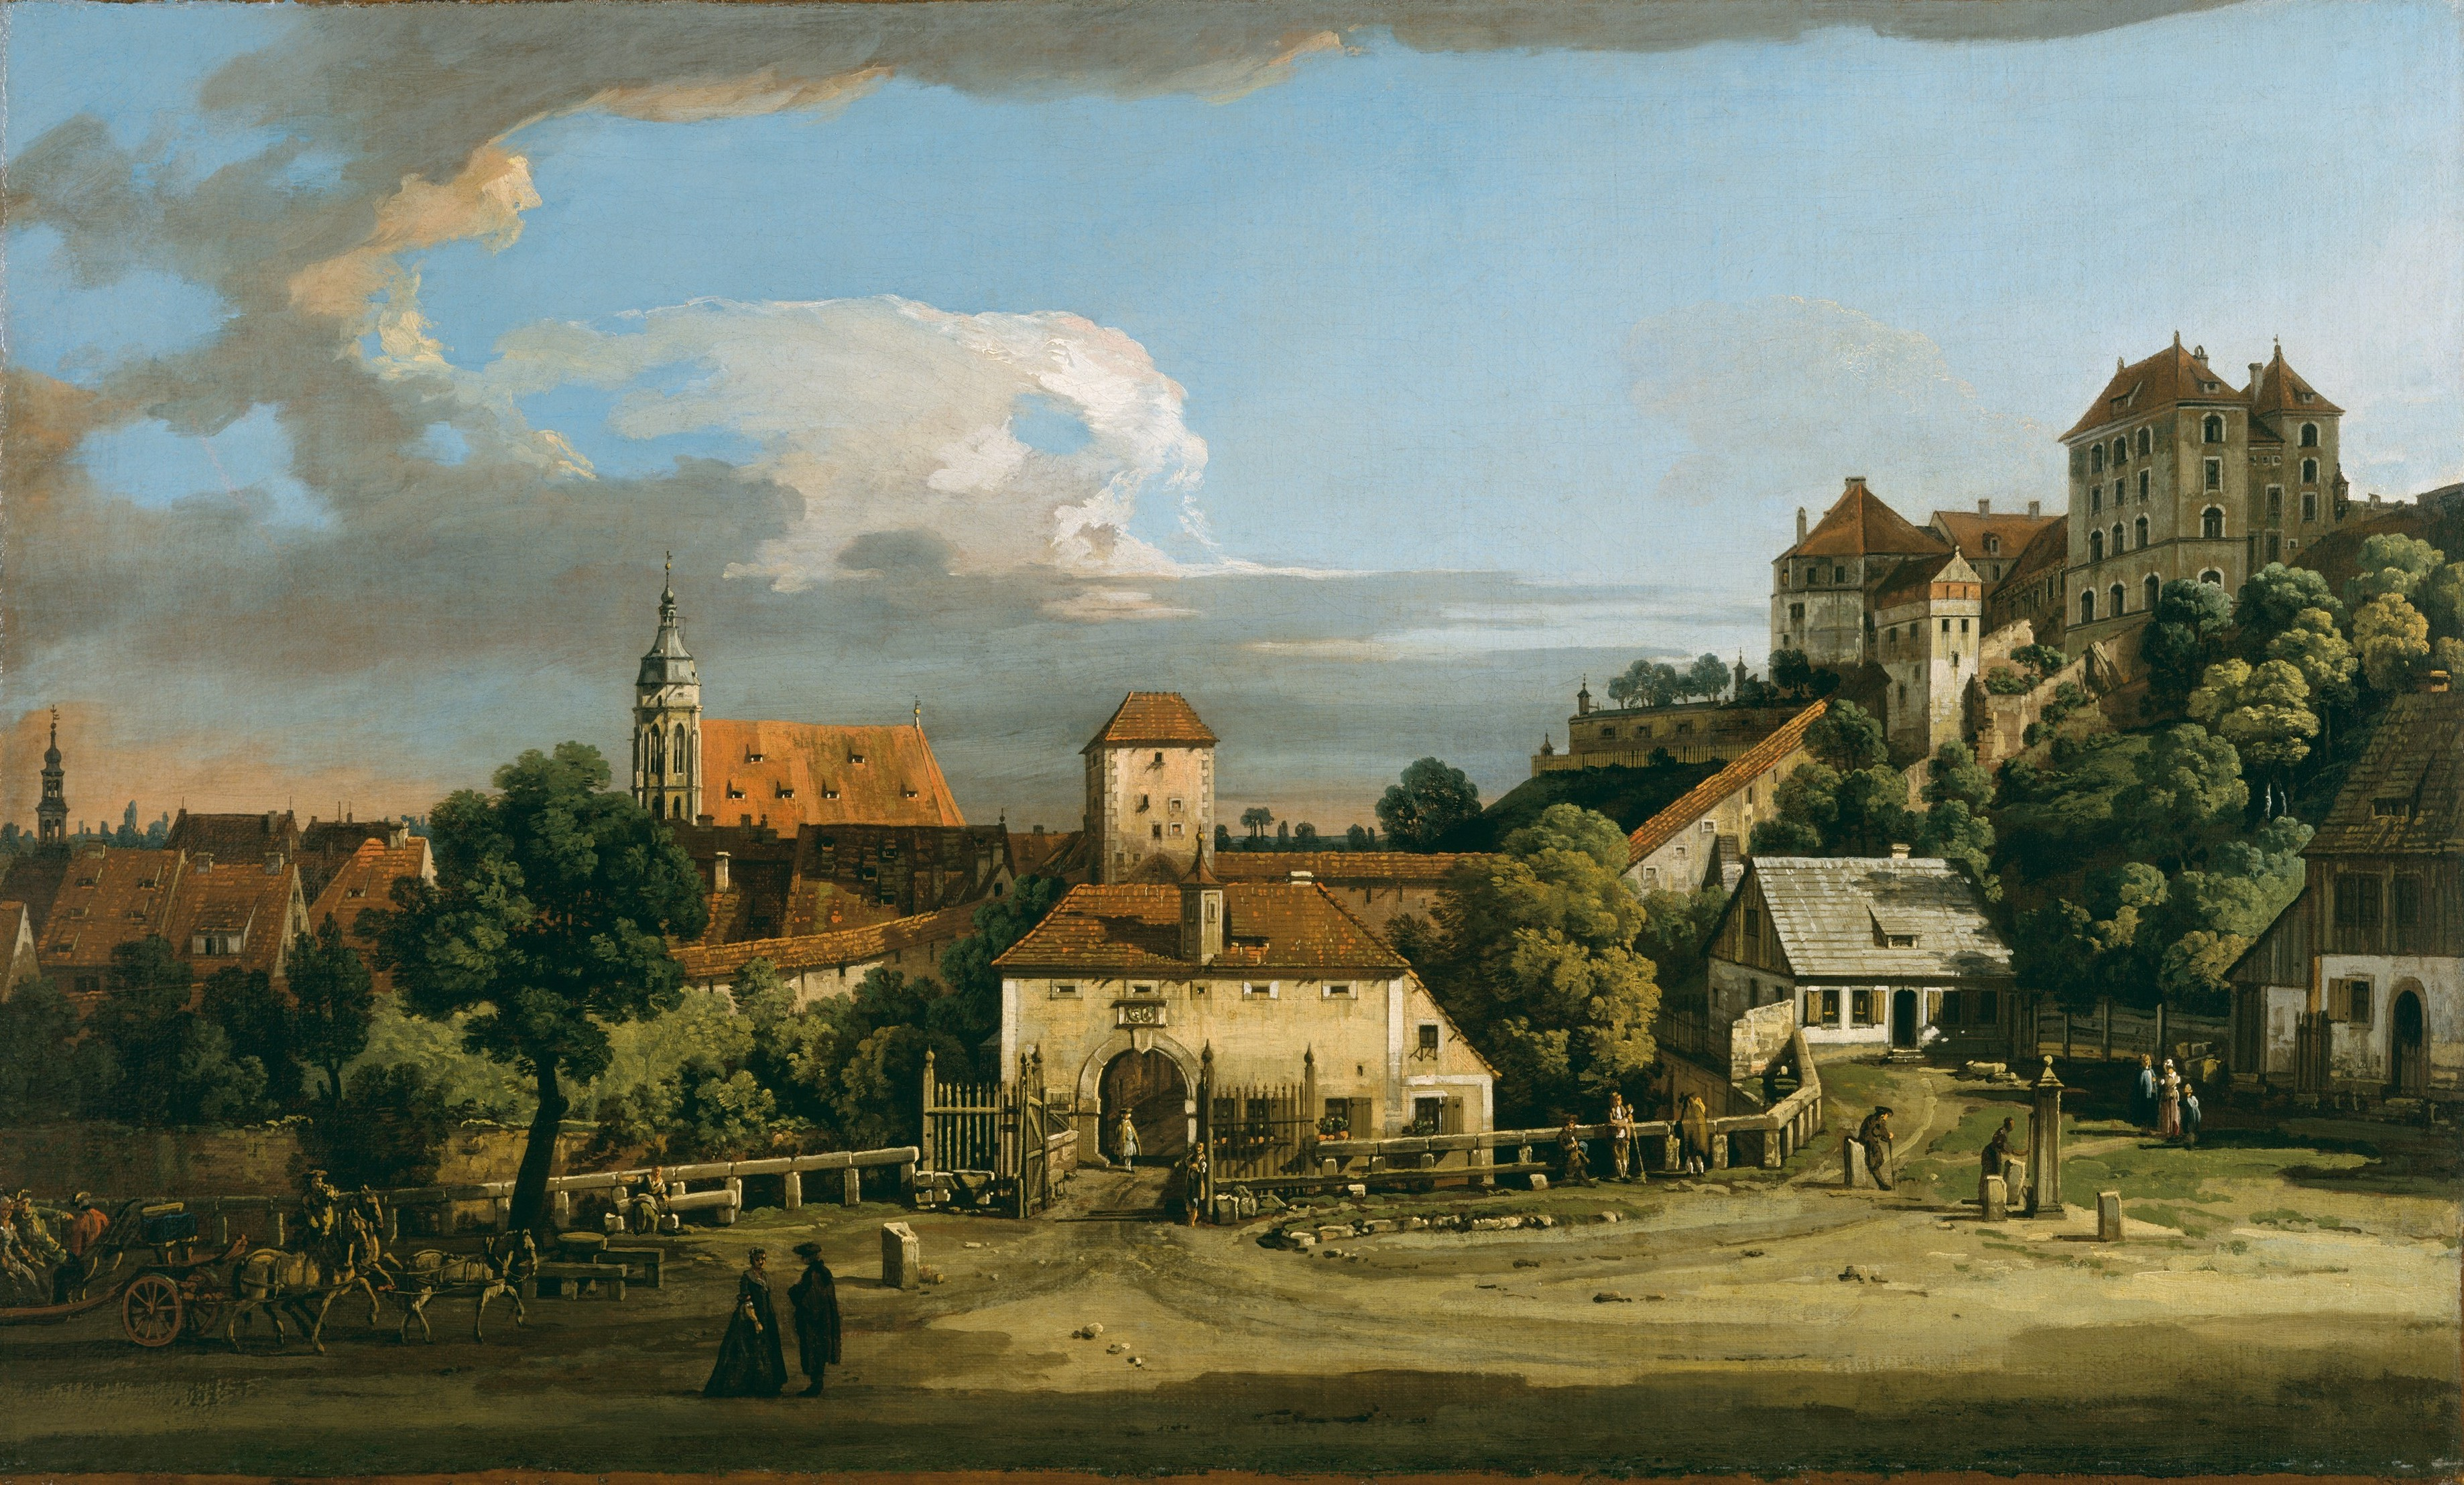 svanesse Village